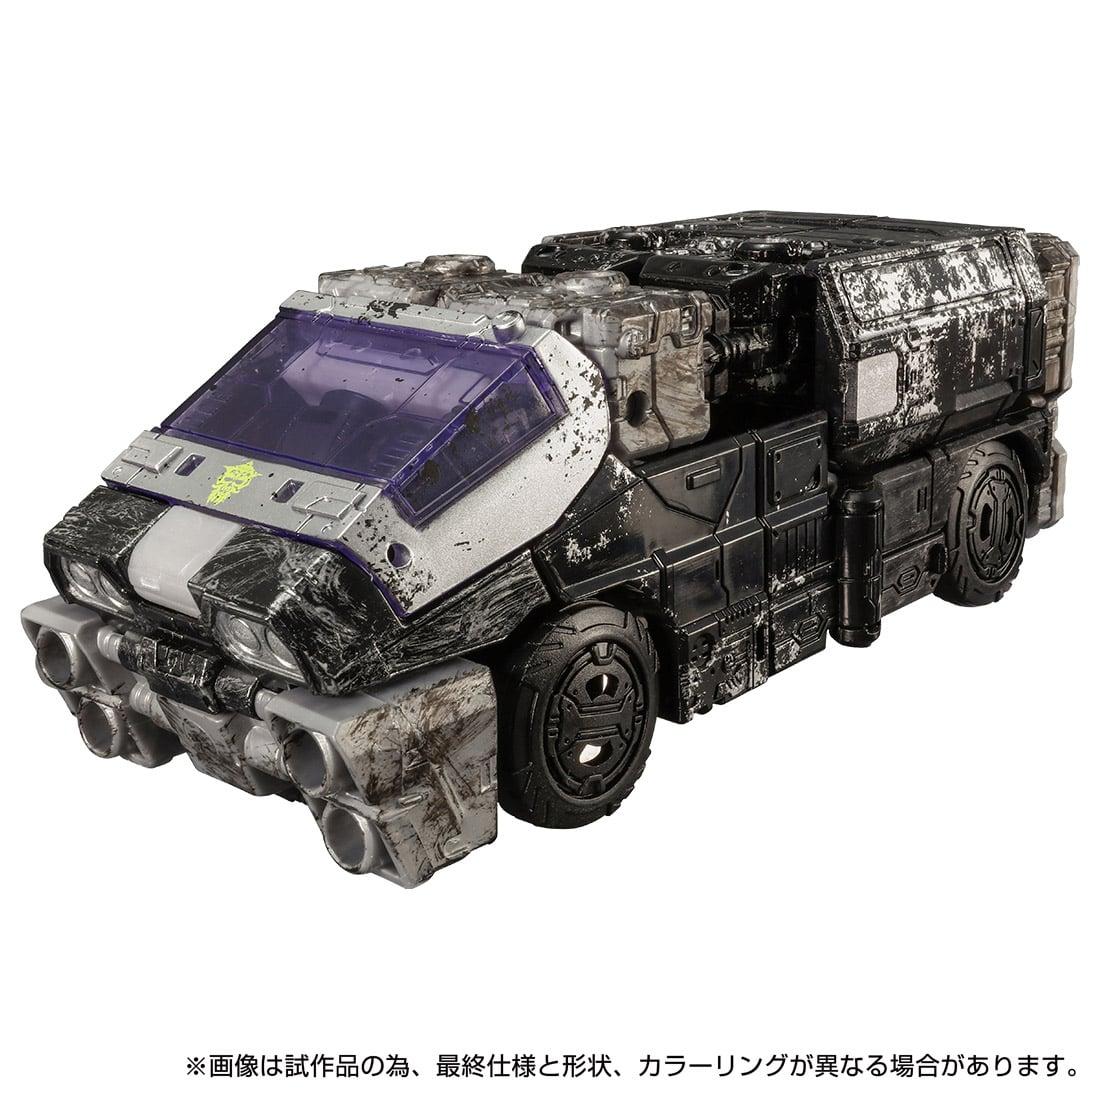 トランスフォーマー ウォーフォーサイバトロン『WFC-21 ディーシアスアーミードローン』可変可動フィギュア-006